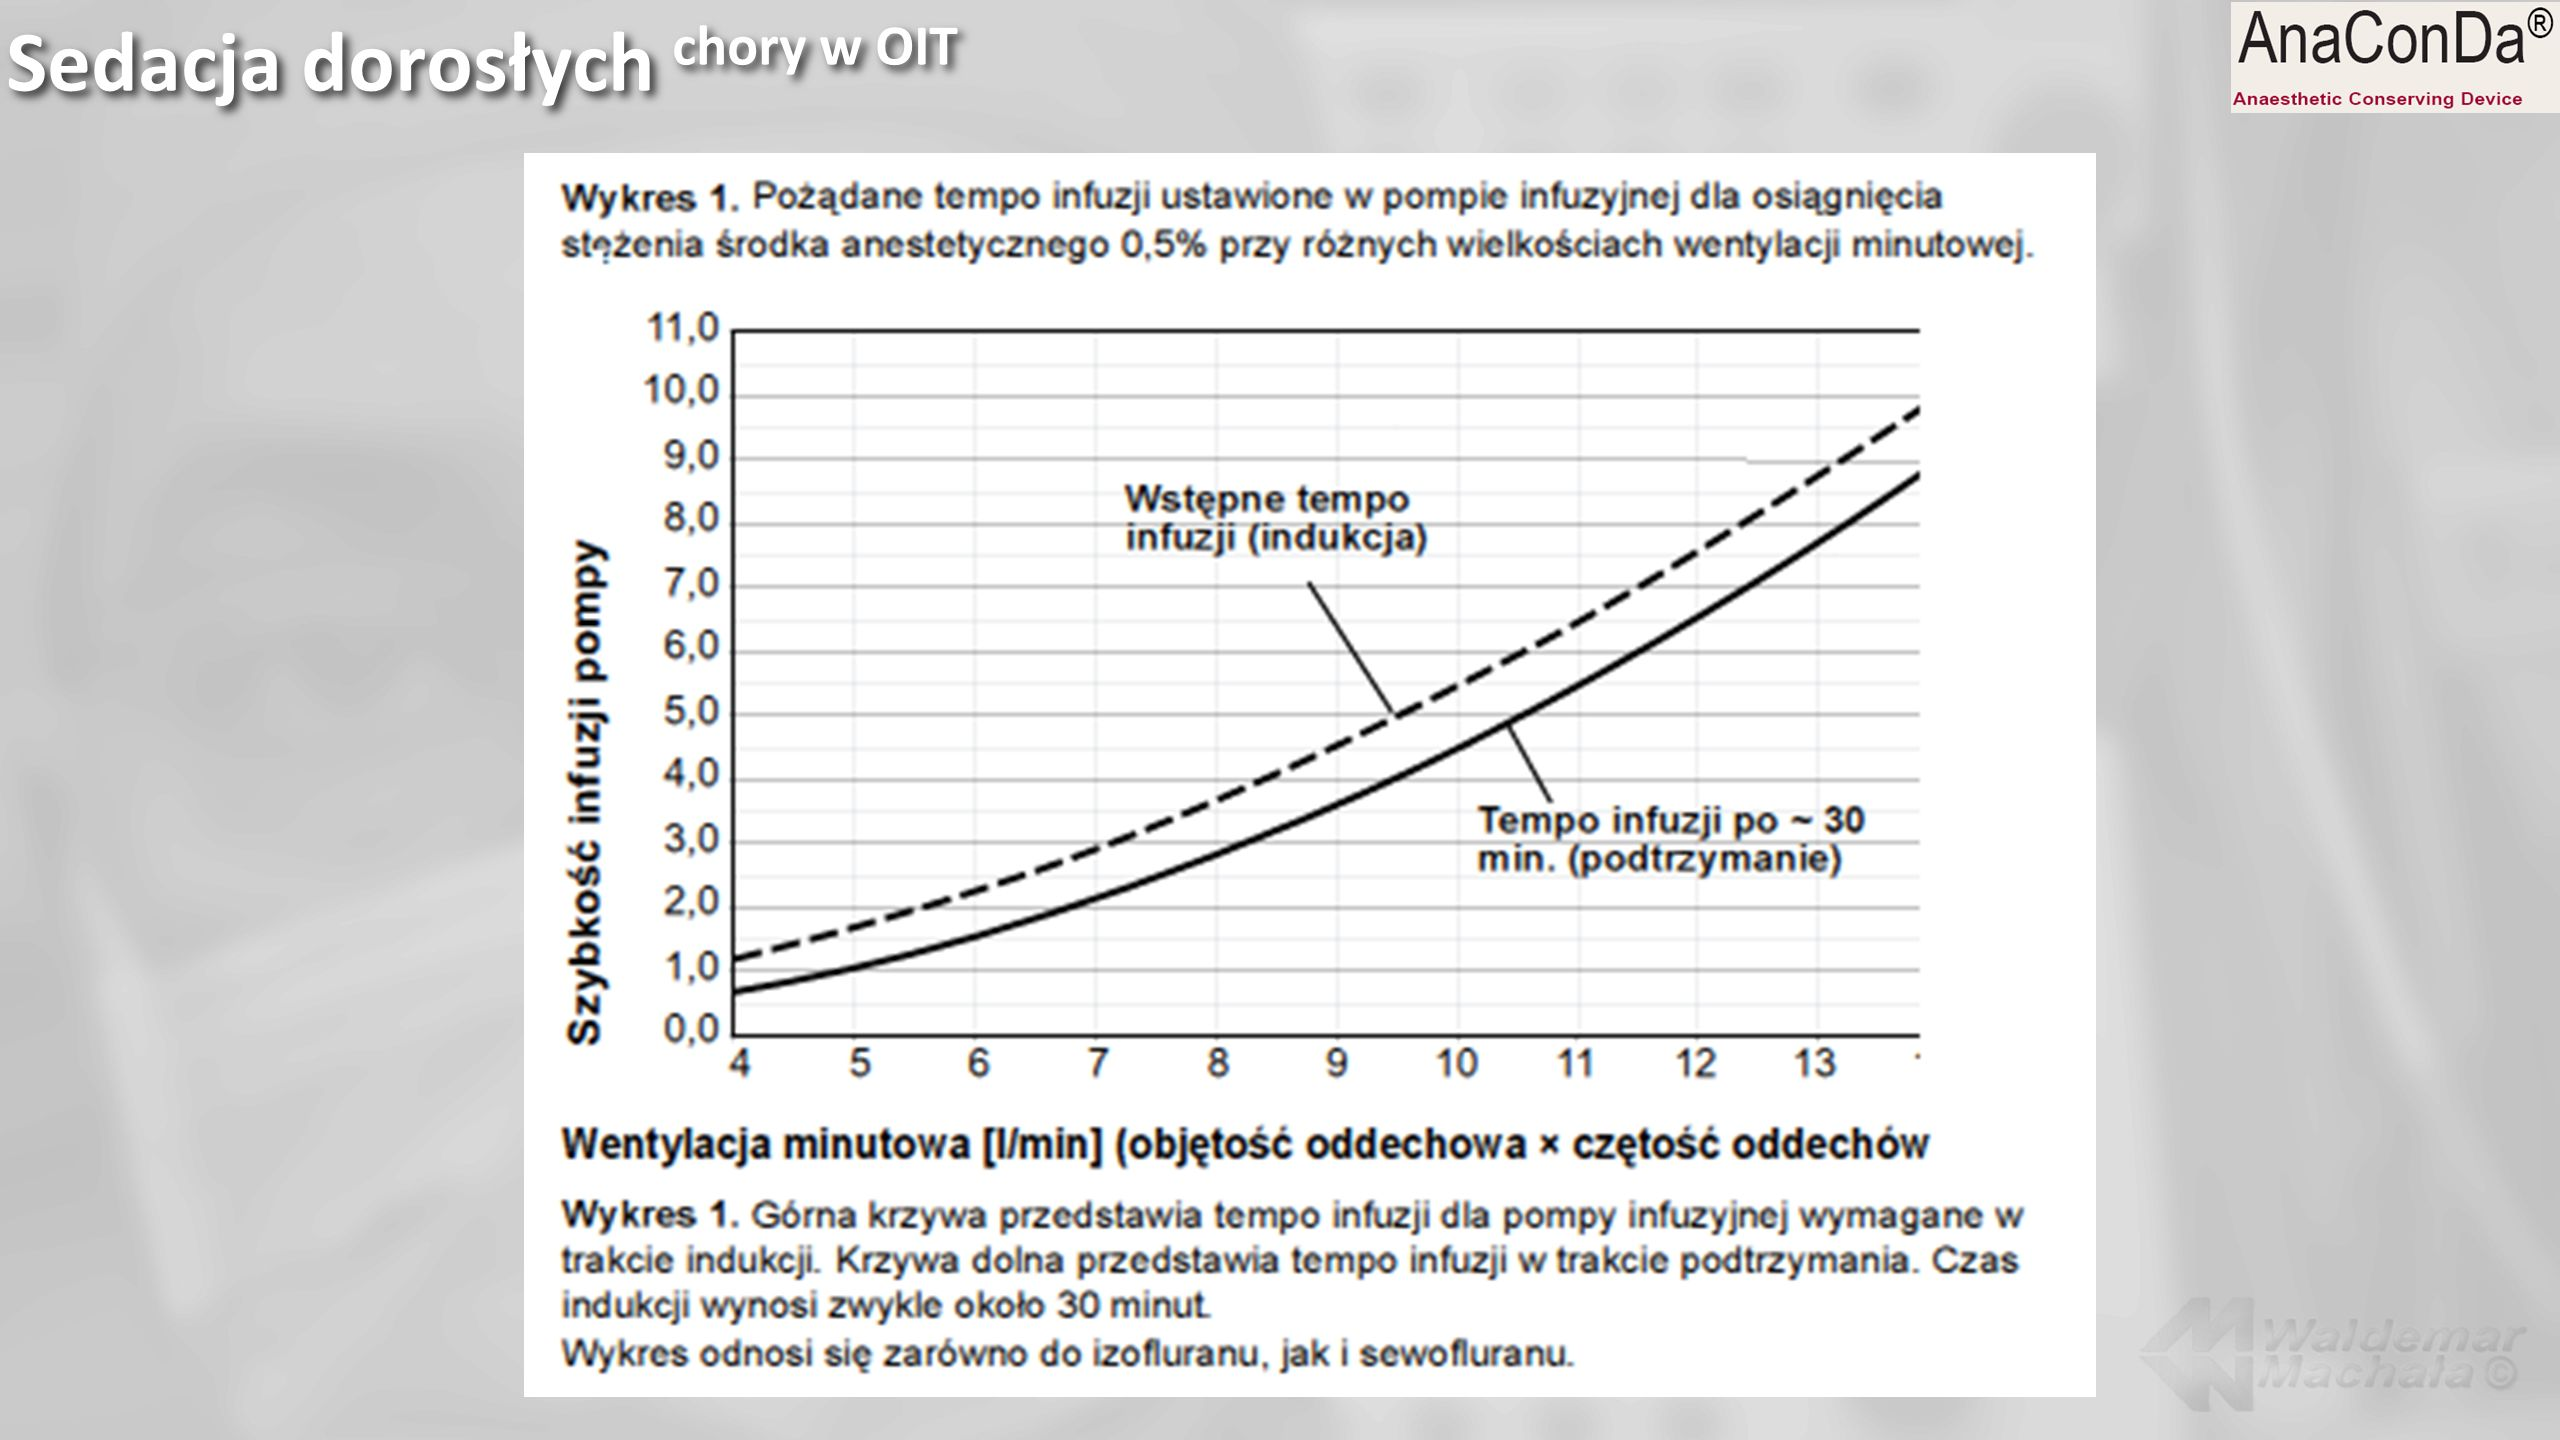 Sedacja dorosłych chory w OIT